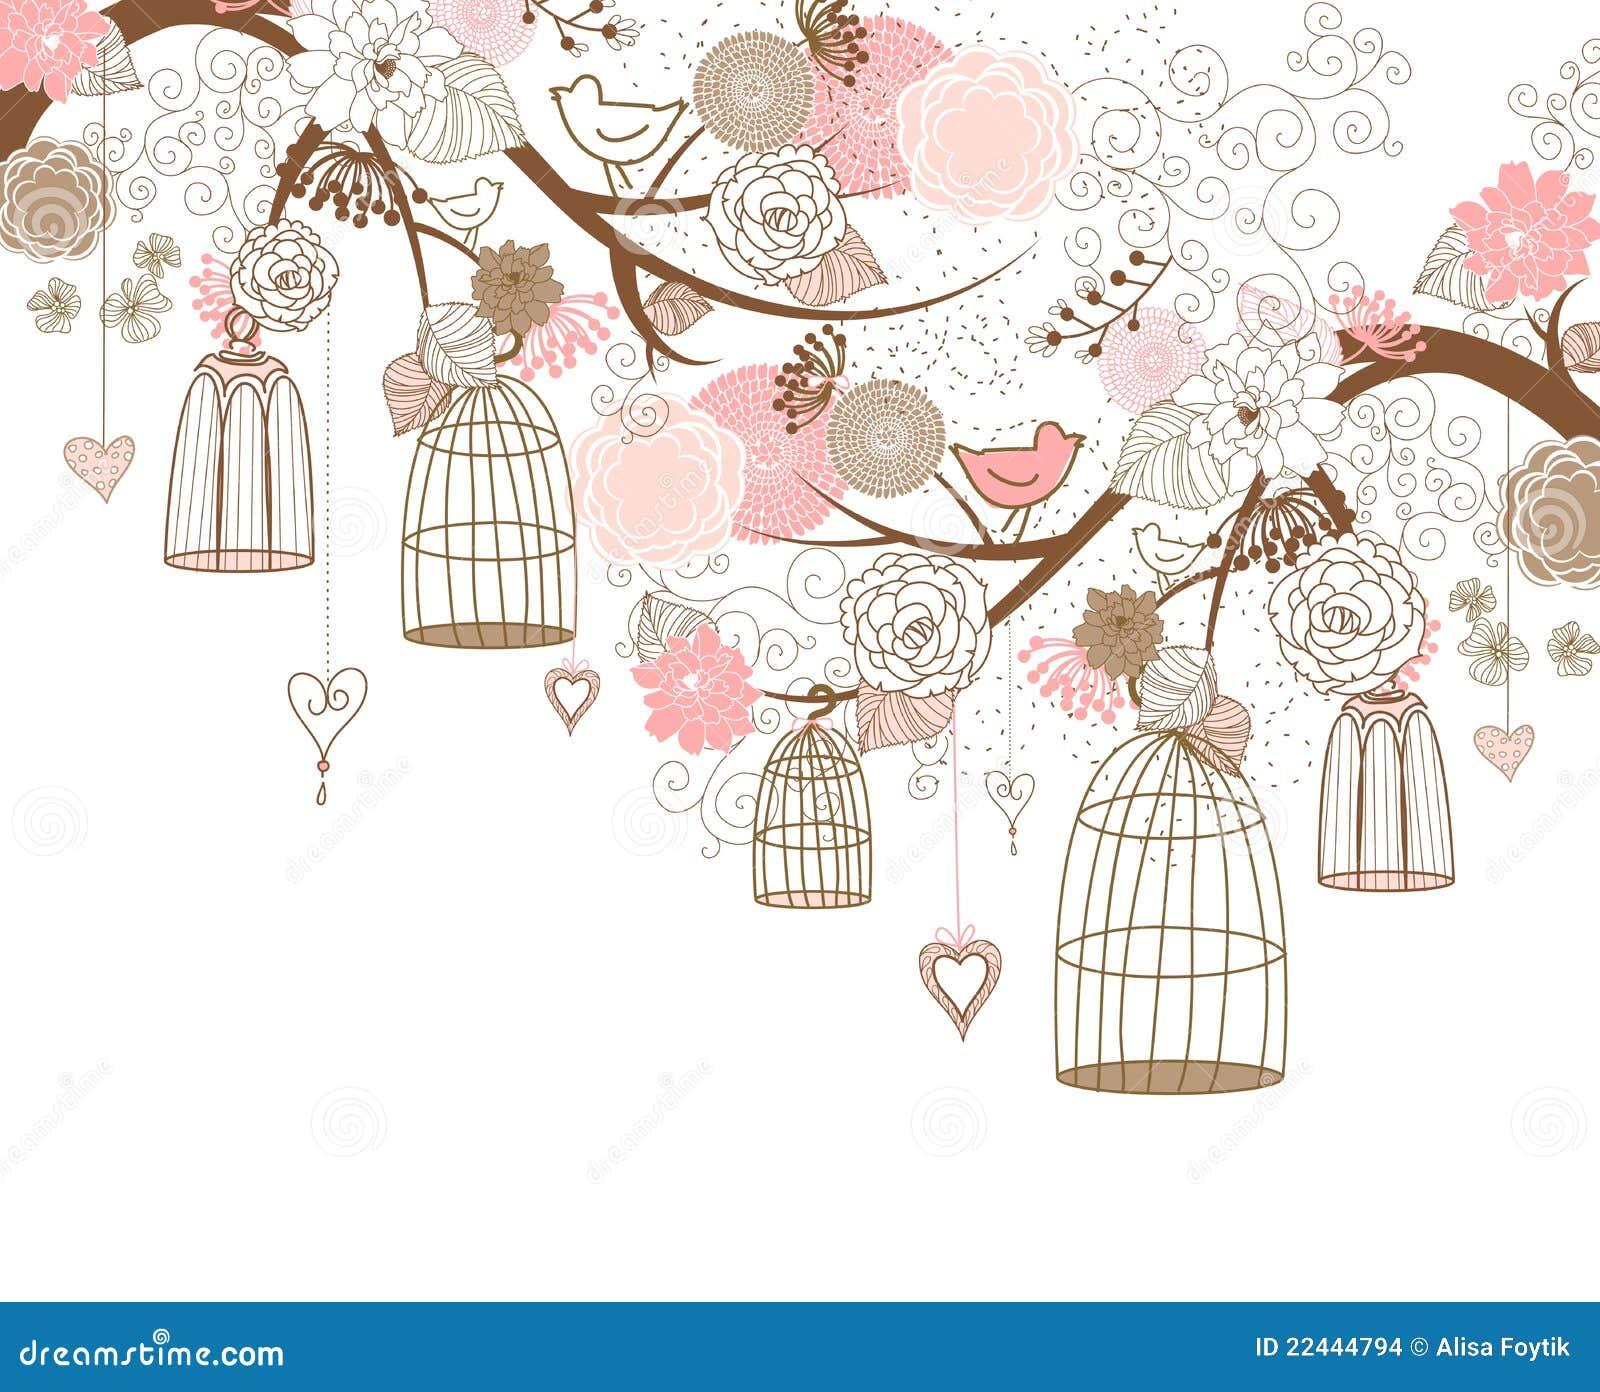 Vögel Aus Ihren Rahmen Heraus Stock Abbildung - Illustration von ...